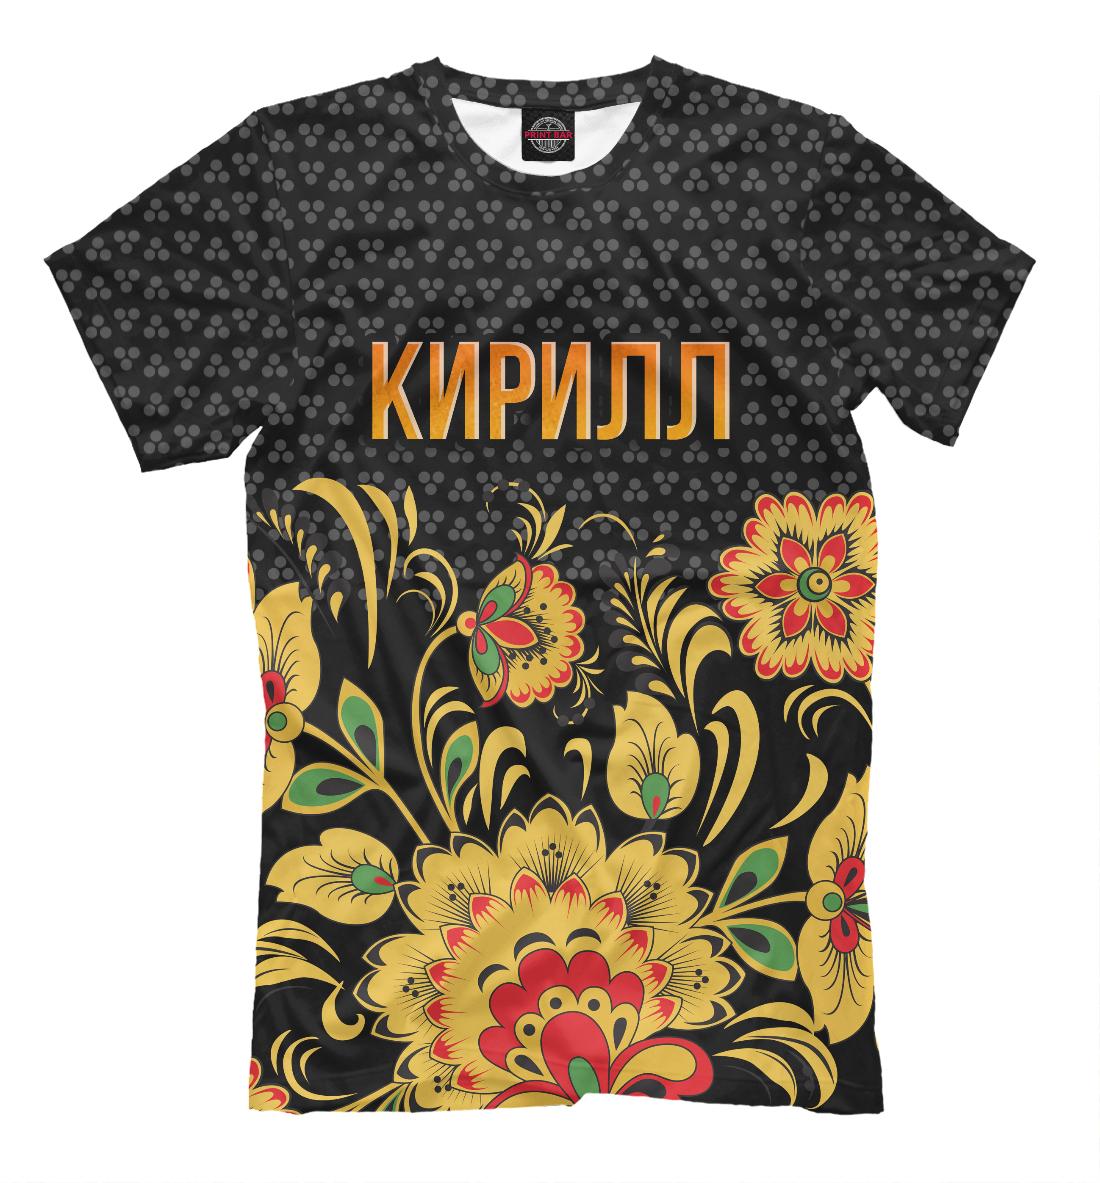 Купить Хохлома Кирилл, Printbar, Футболки, KIR-979107-fut-2